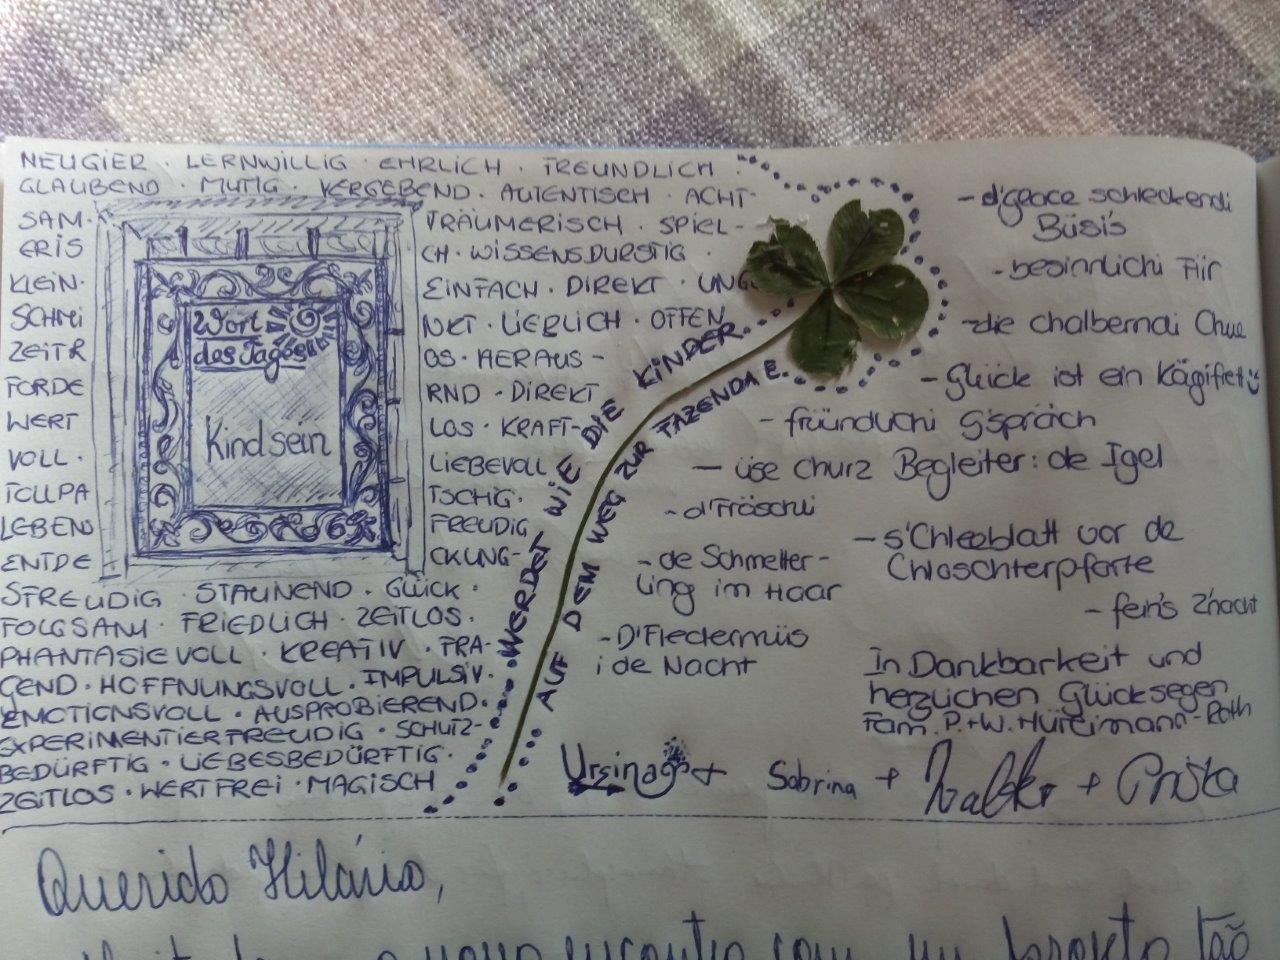 Eine Familie mit zwei Kindern aus dem Kanton Zug verbrachte zwei Nächte bei uns. Sabrina, die ältere Tochter, fand auf dem Weg und auch bei der Klosterpforte ein vierblättriges Kleeblatt.